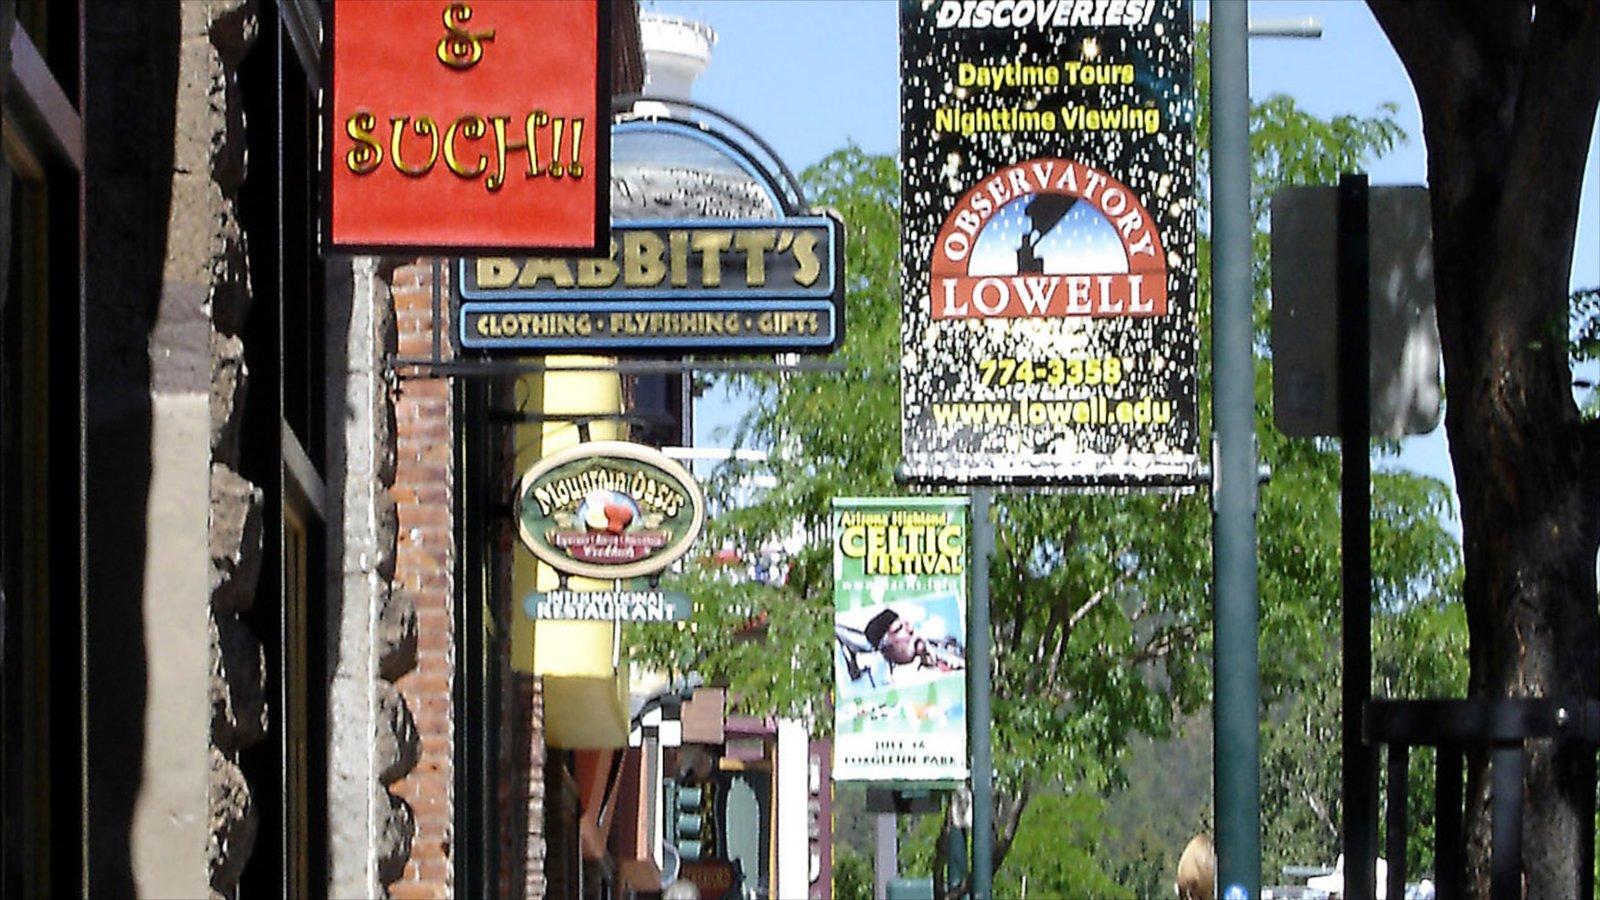 Flagstaff que inclui cenas de rua e sinalização